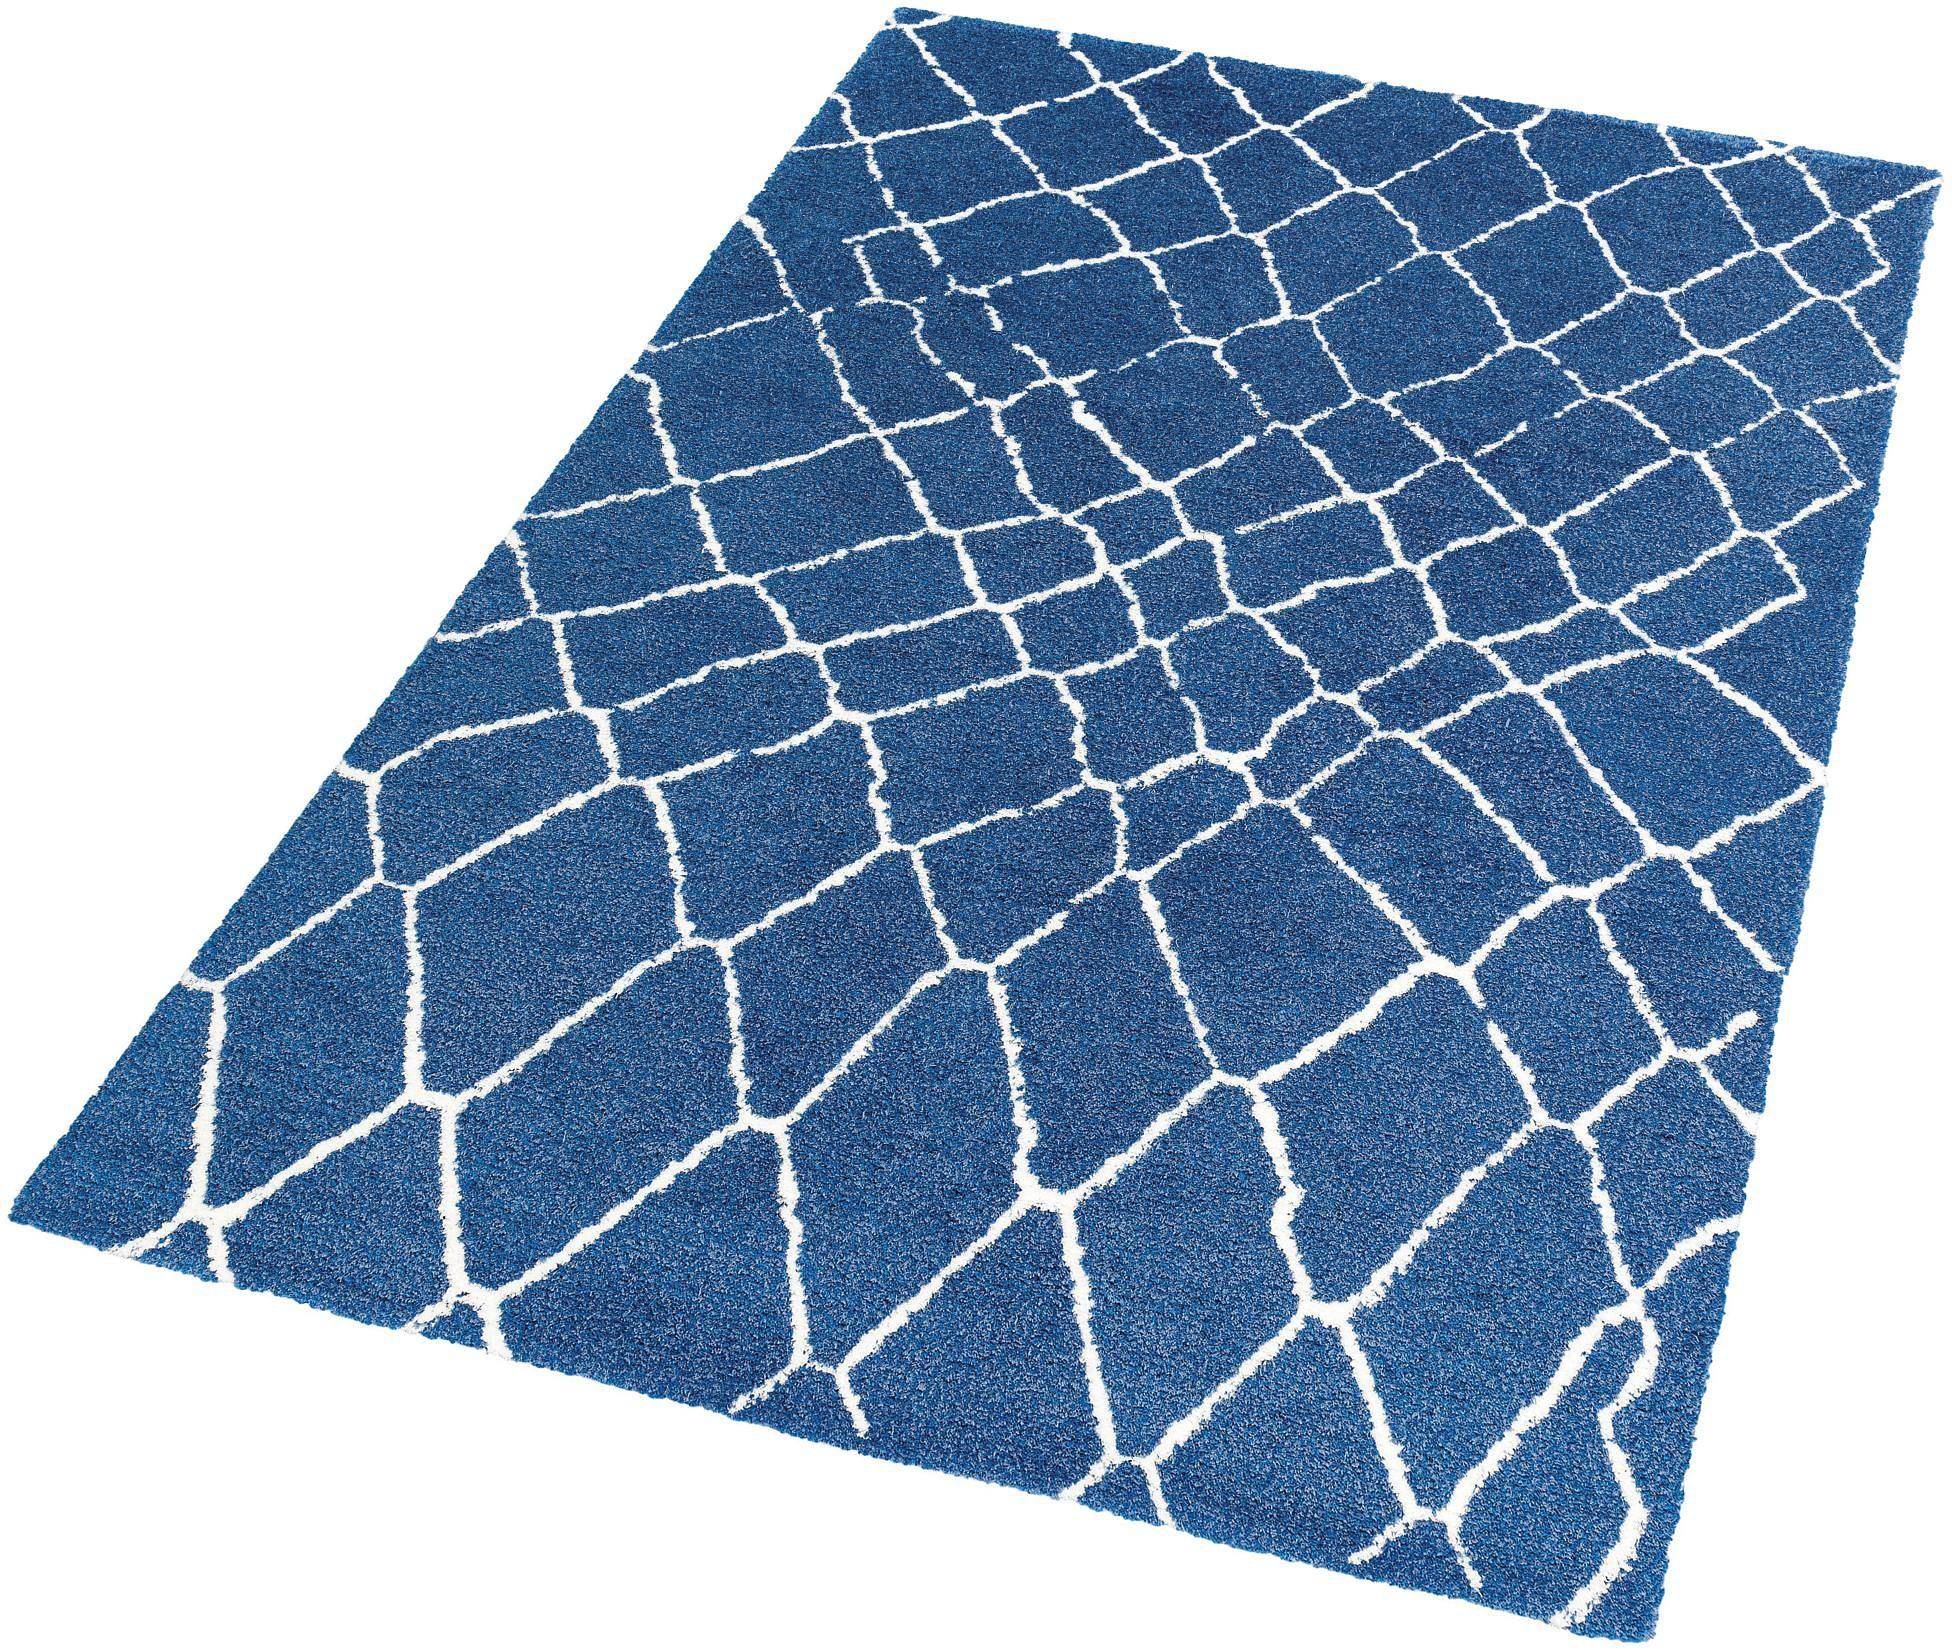 Teppich Dream SCHÖNER WOHNEN-Kollektion rechteckig Höhe 12 mm